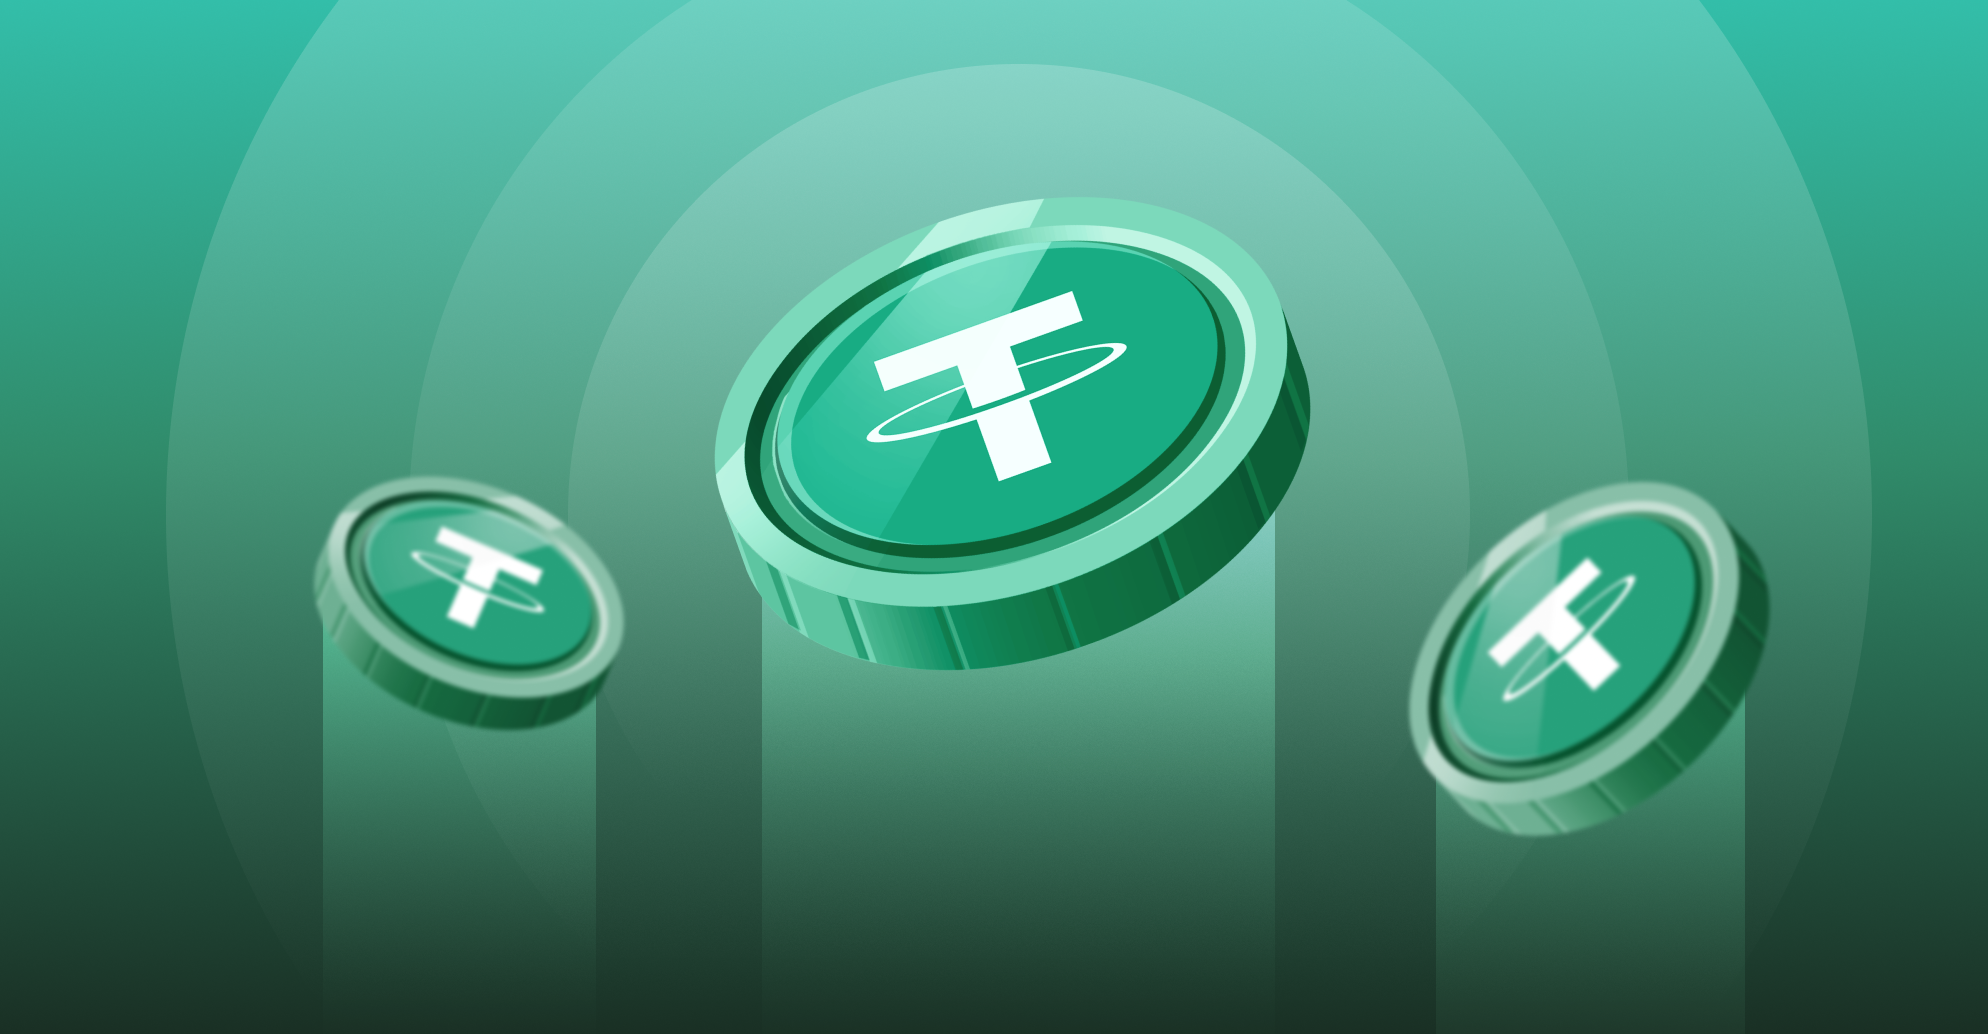 USDT là gì? Hiểu toàn bộ về đồng Tether (USDT) - Coin trading